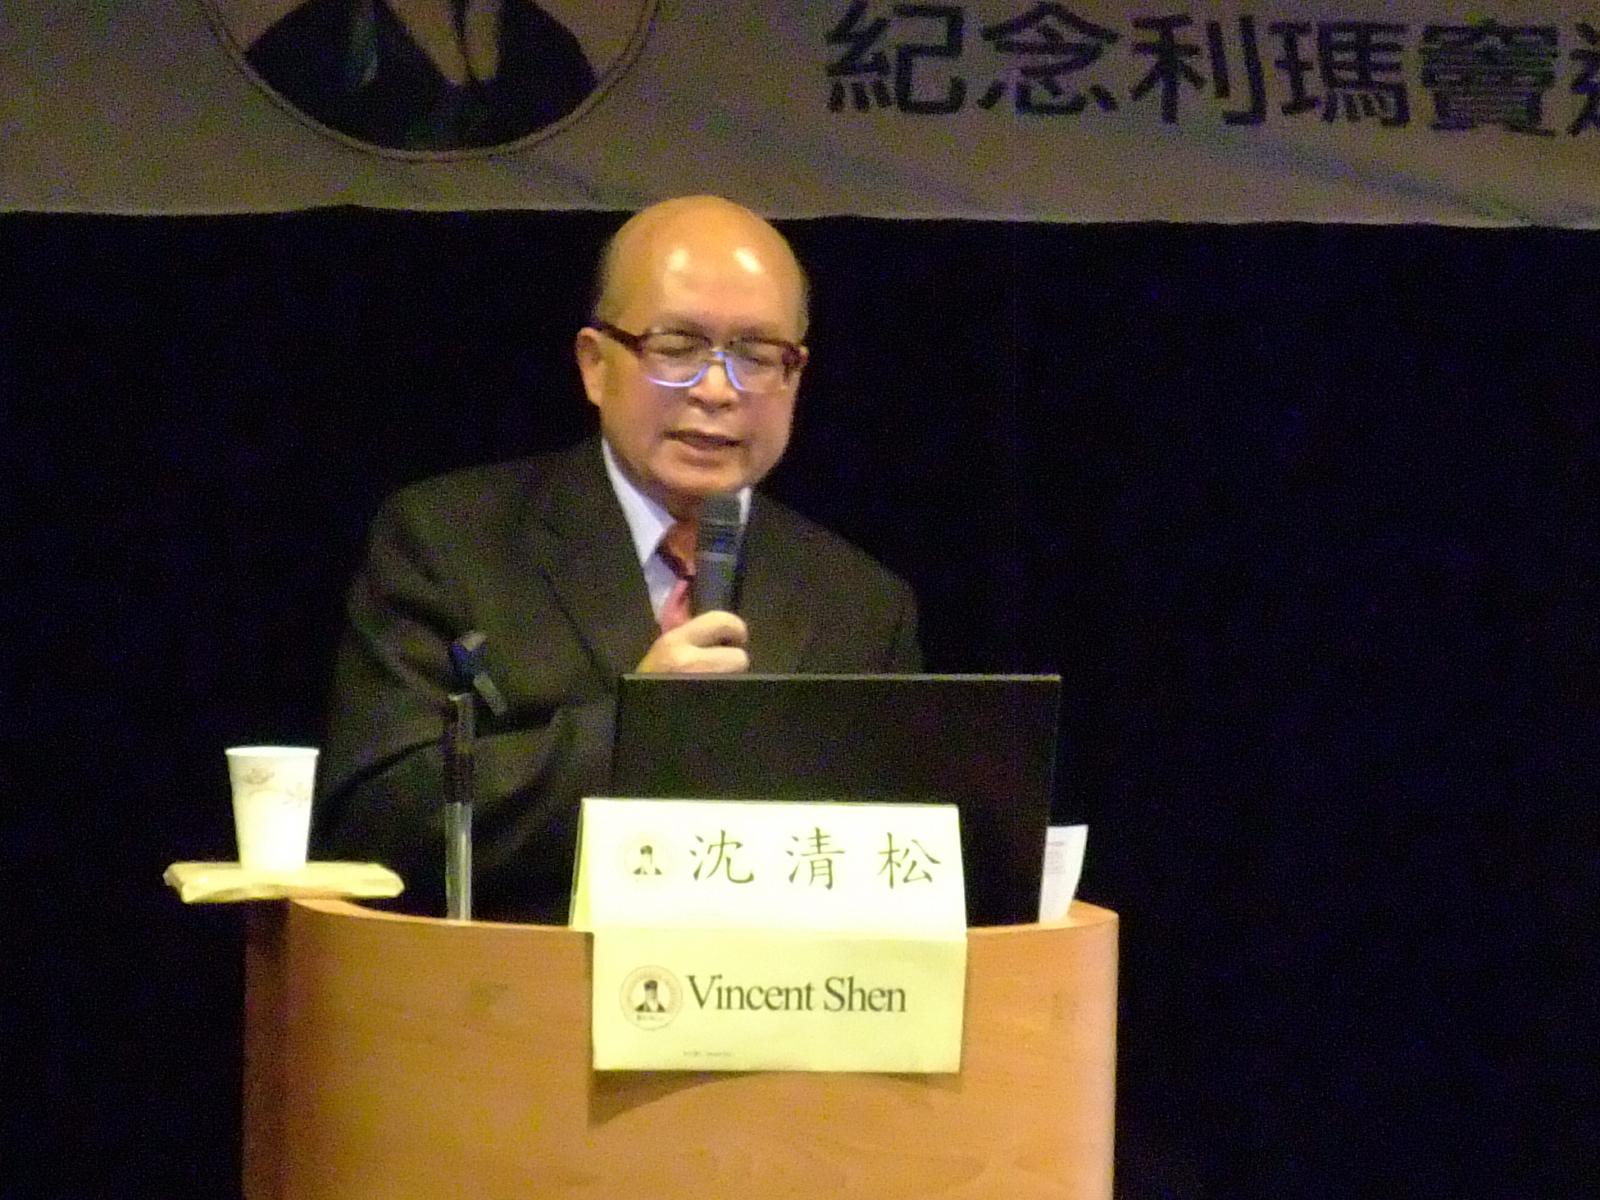 201004紀念利瑪竇逝世四百週年國際學術研討會-13